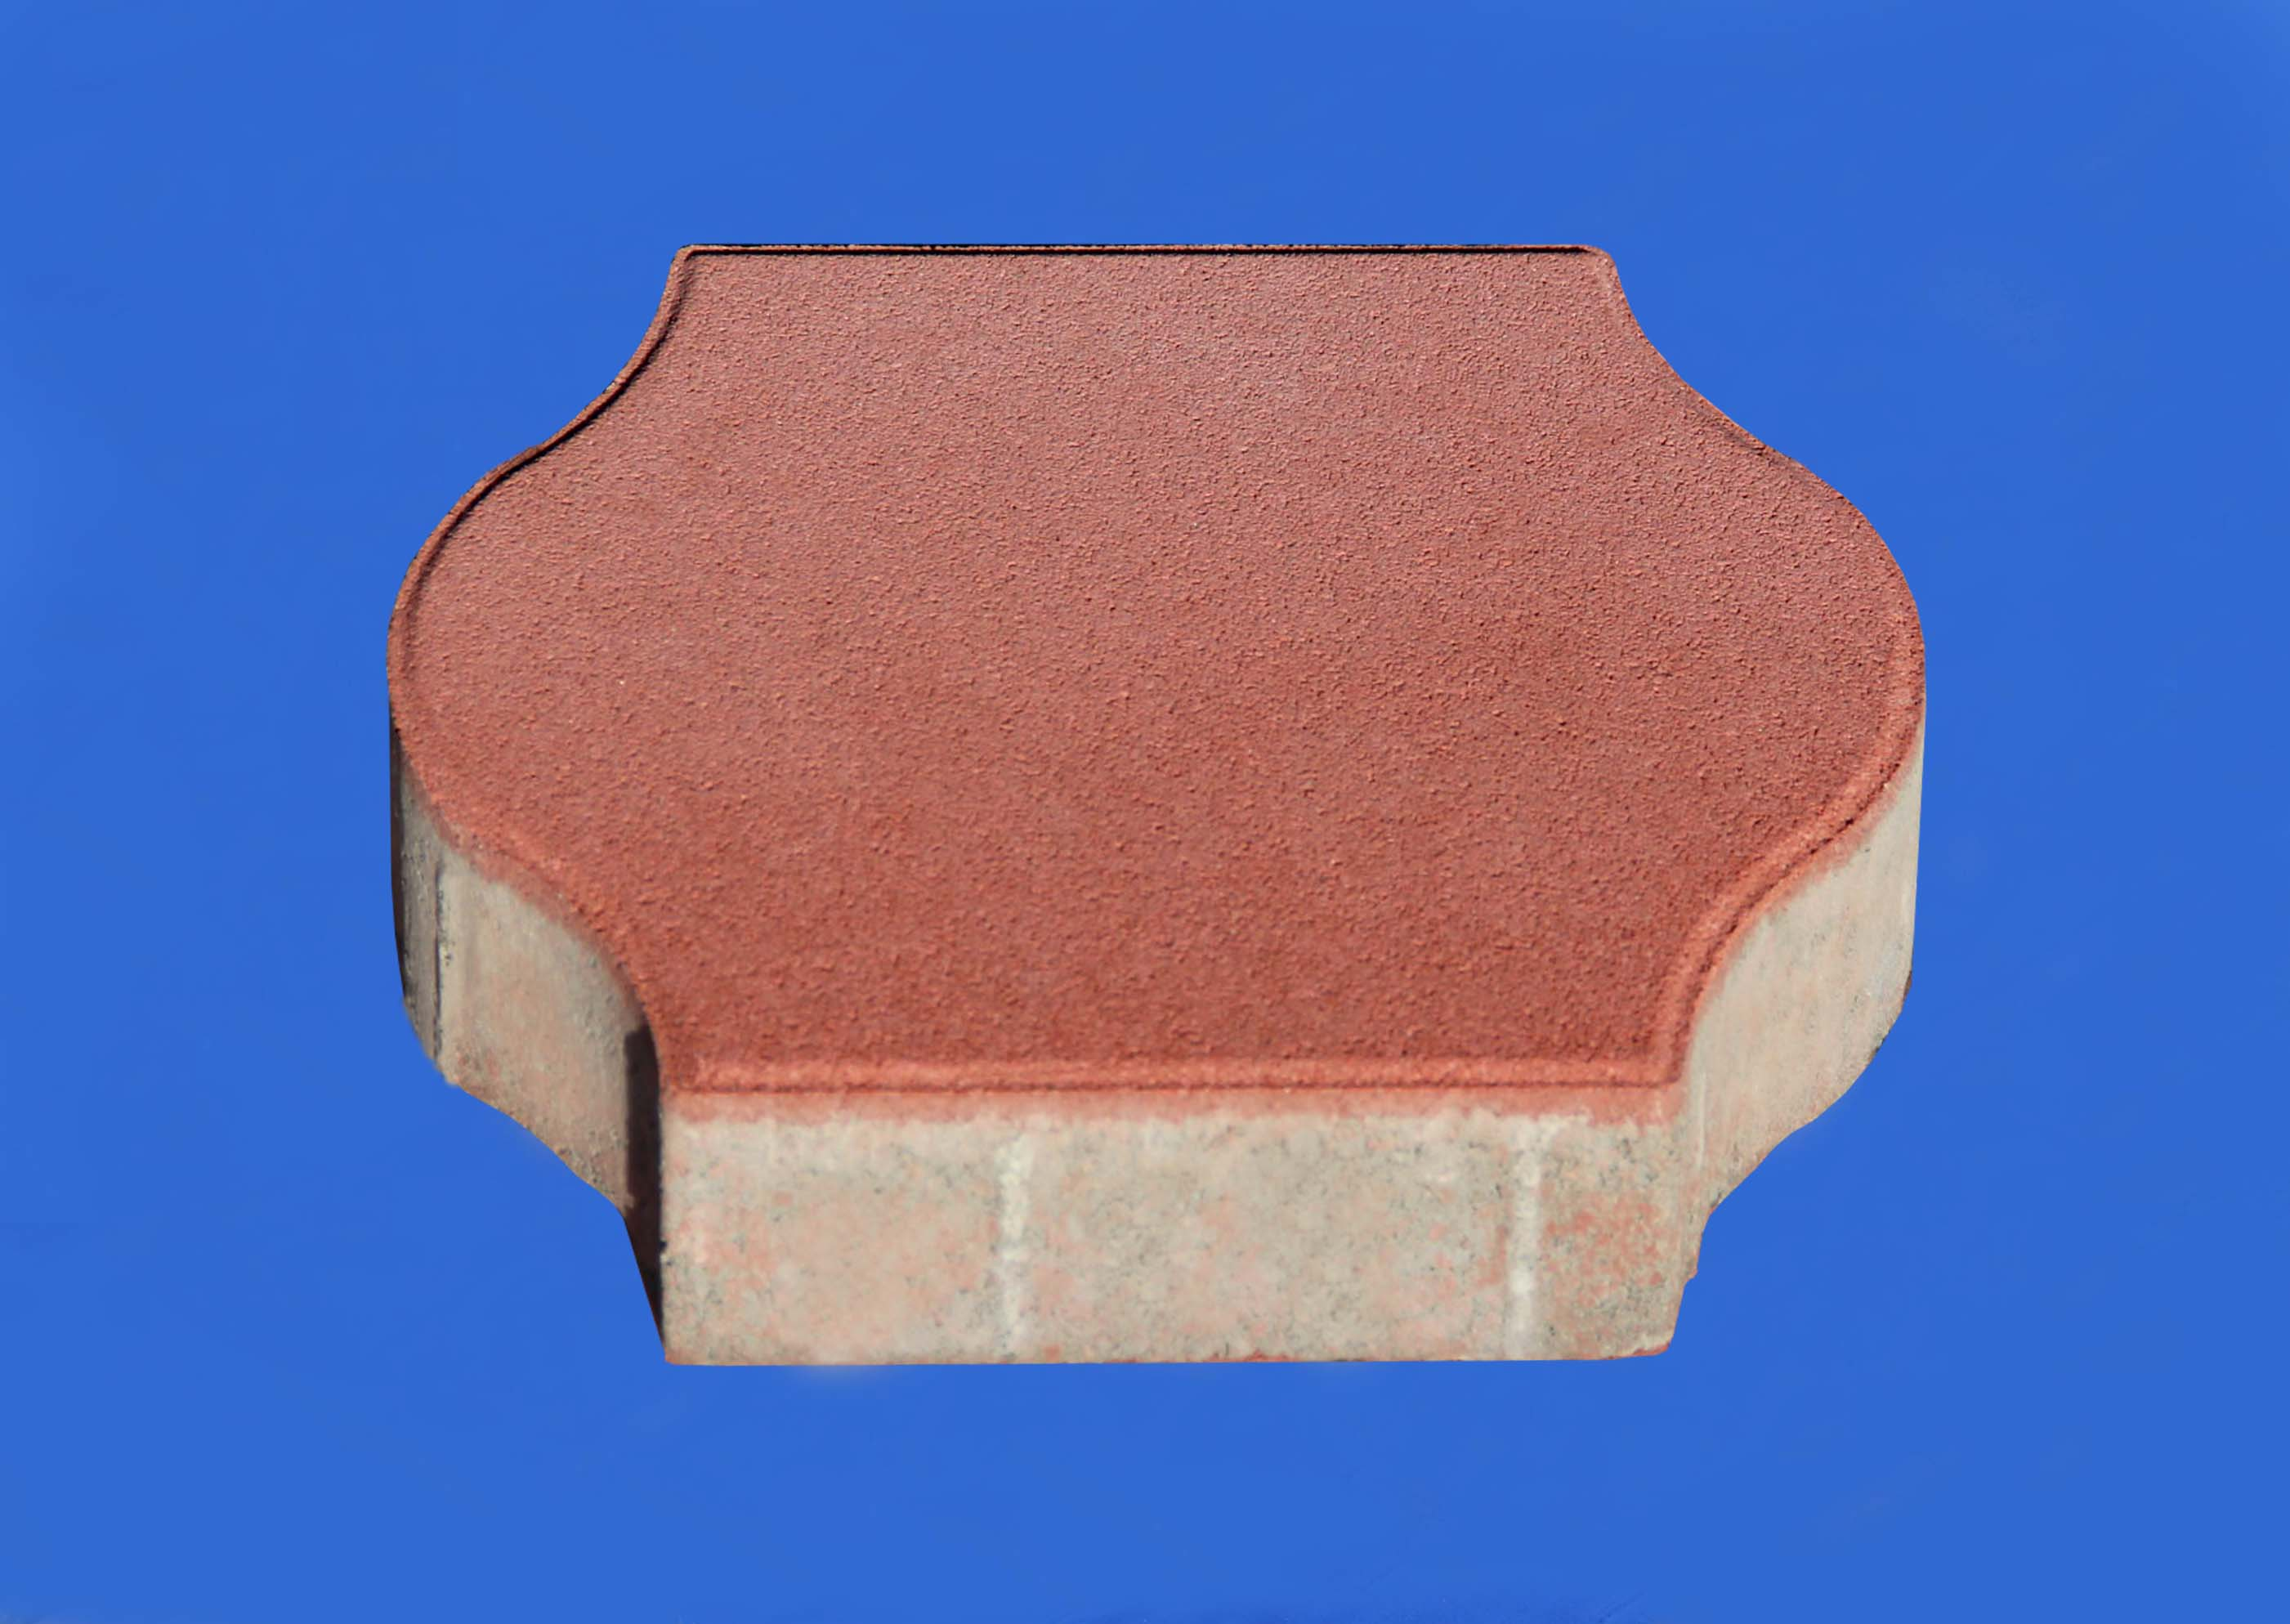 彩色地面磚系列之紅色燈籠磚